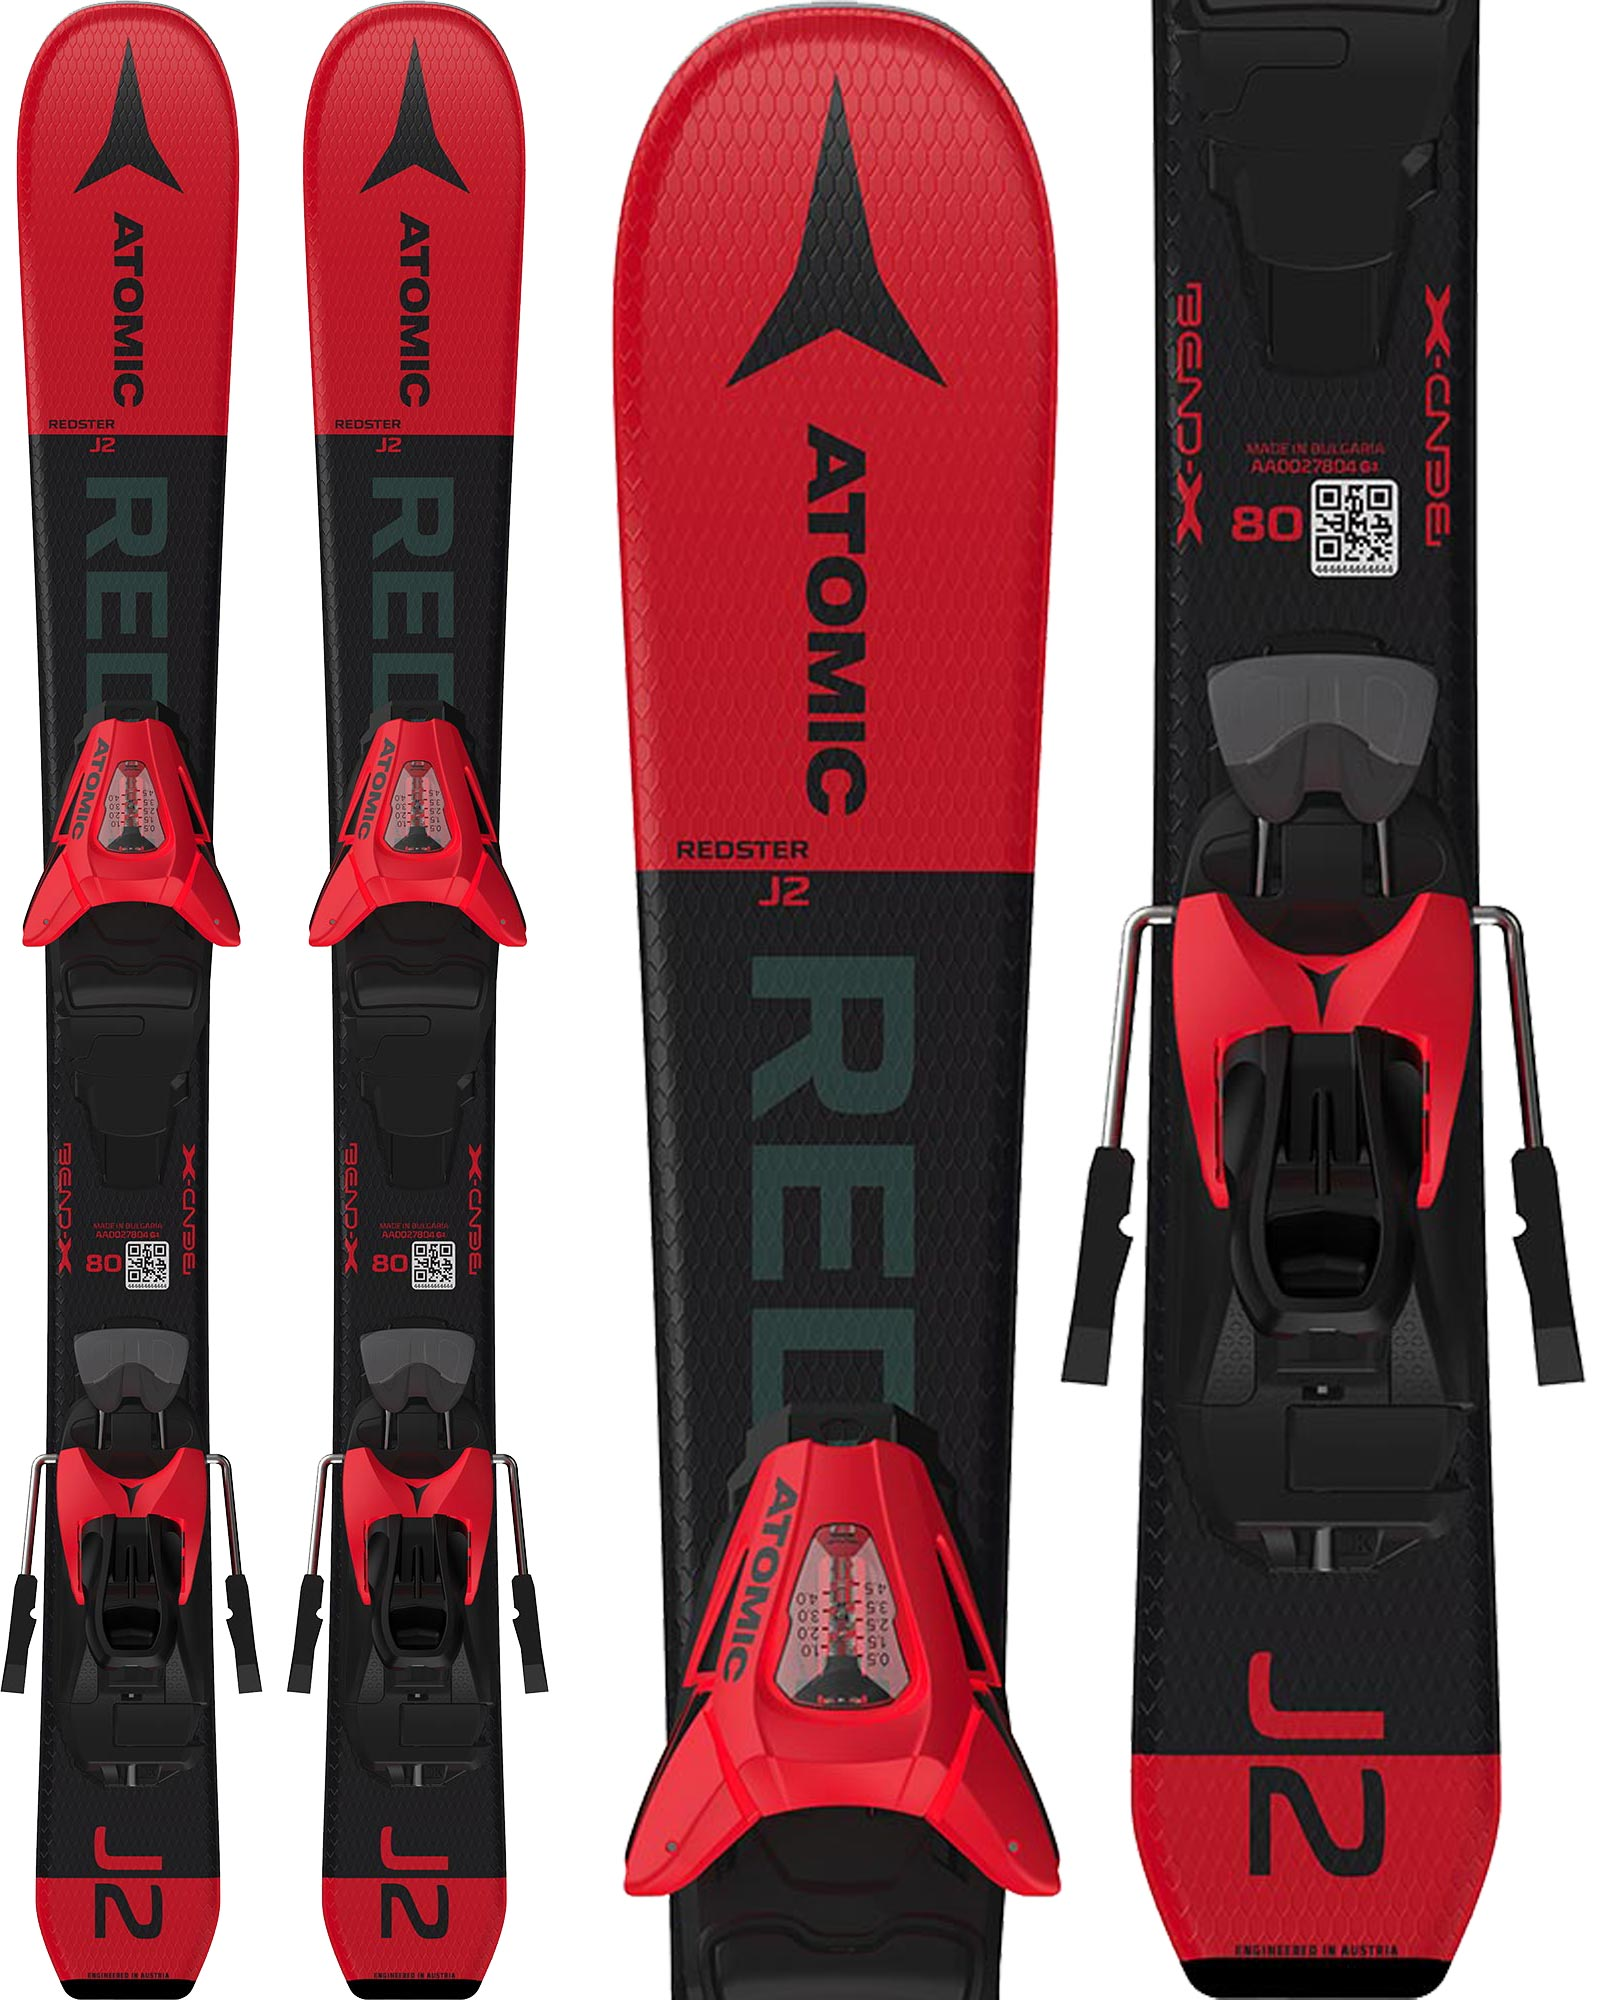 Skiing Atomic Redster J2 Youth Skis + C 5 GW J2 80-90 Bindings